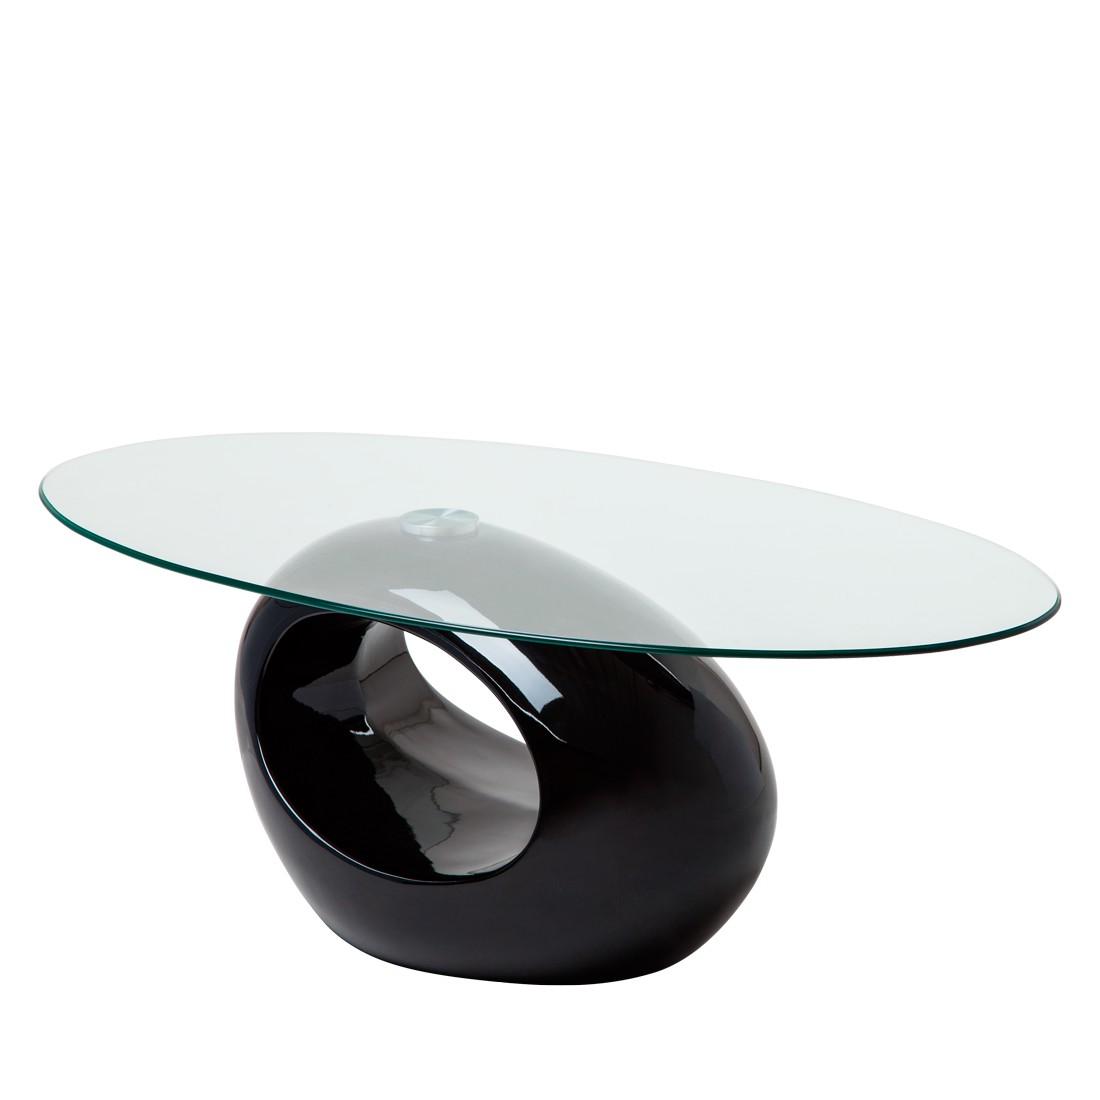 Preisvergleich eu couchtisch oval for Couchtisch glas oval design